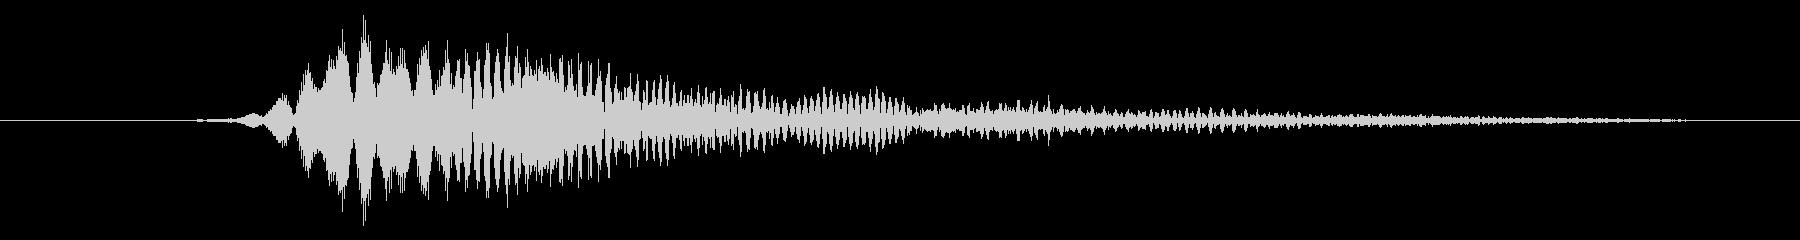 特撮 インターフェイススイープ04の未再生の波形